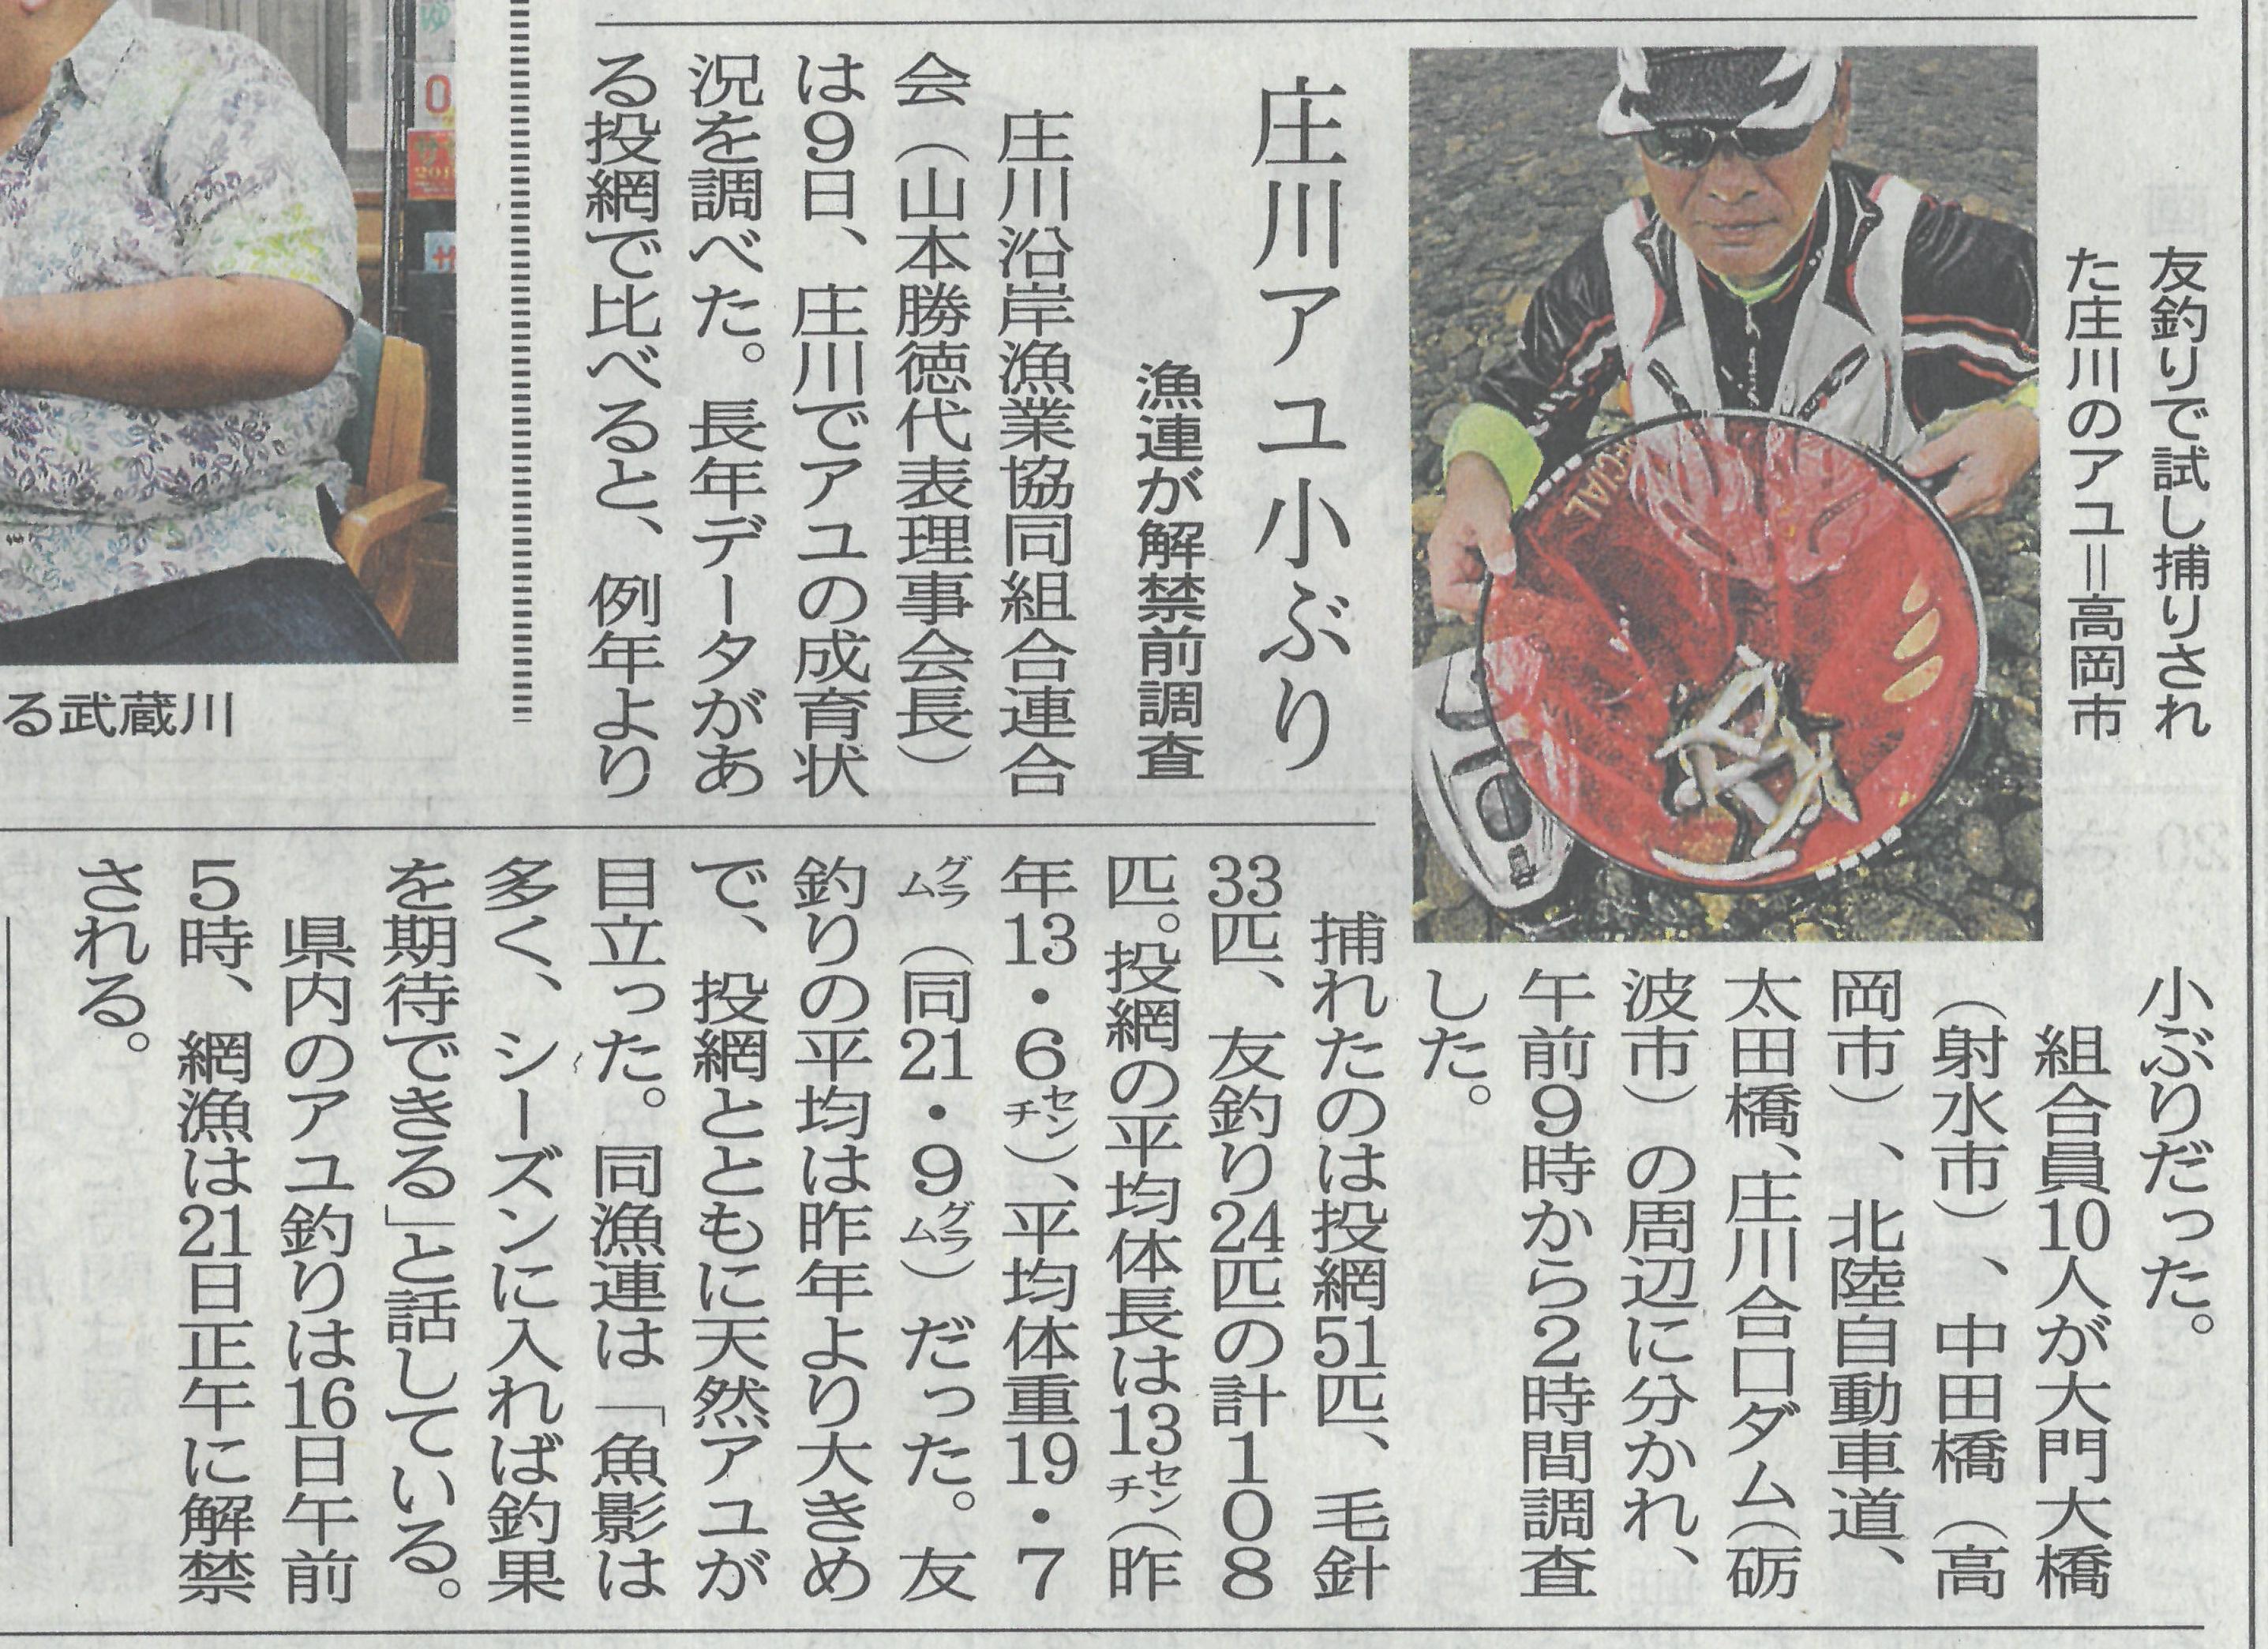 6/9アユ試し捕り新聞記事